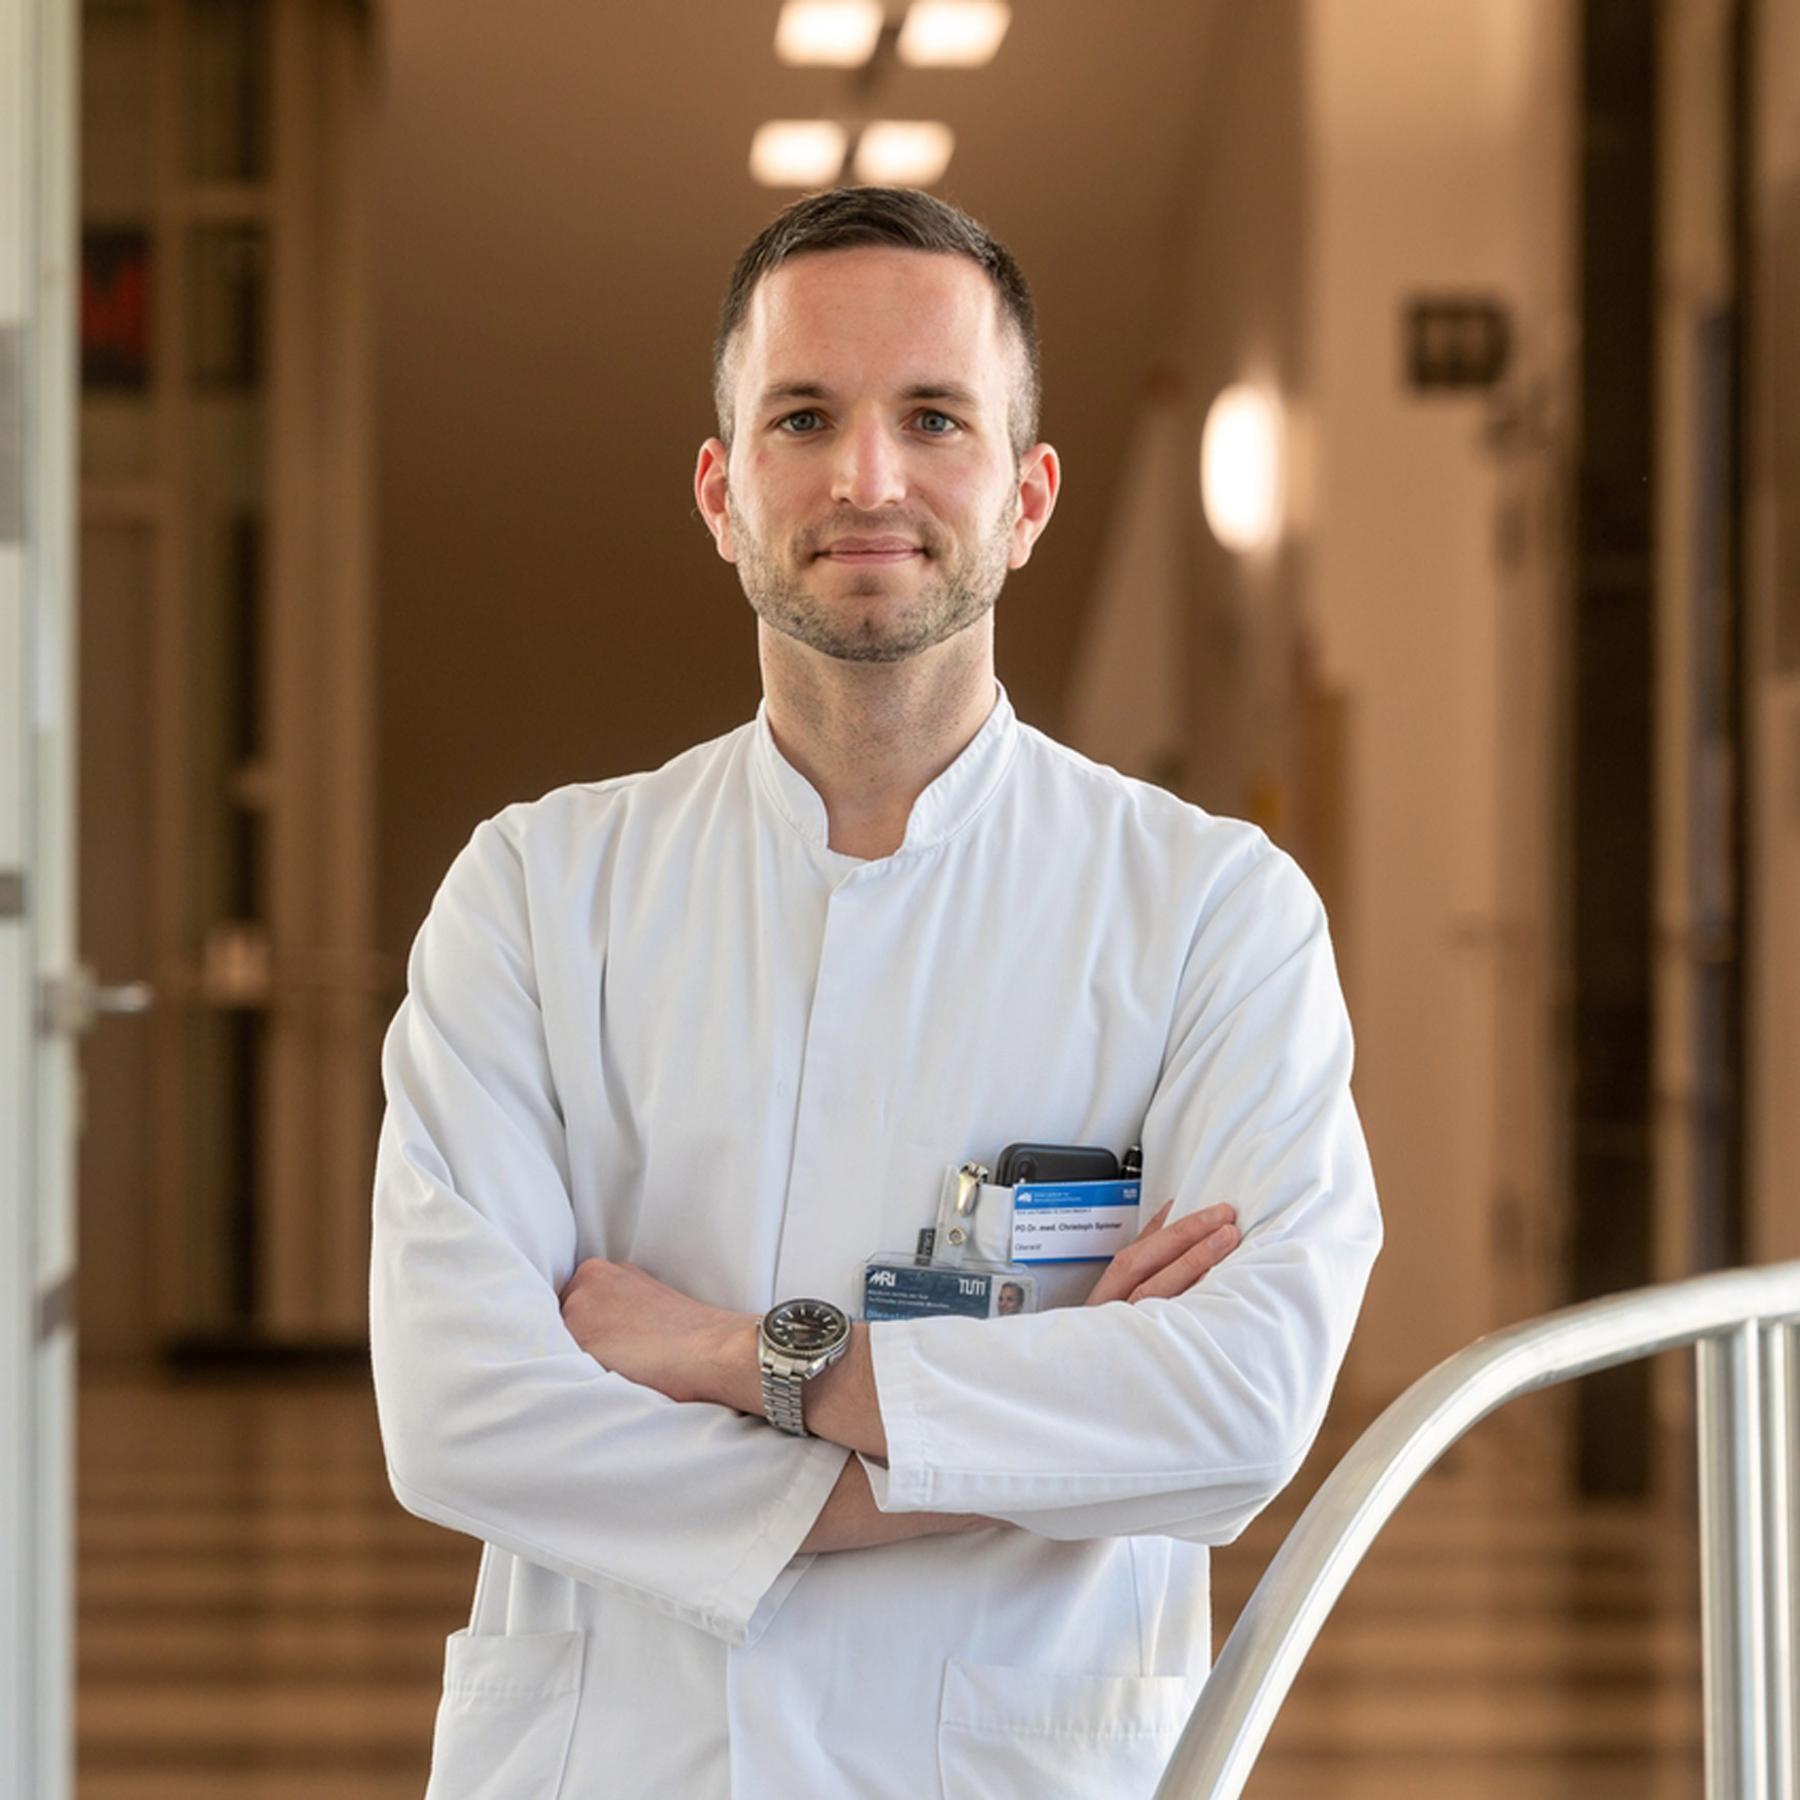 Corona-News Dr Christoph Spinner (07.09.2021)